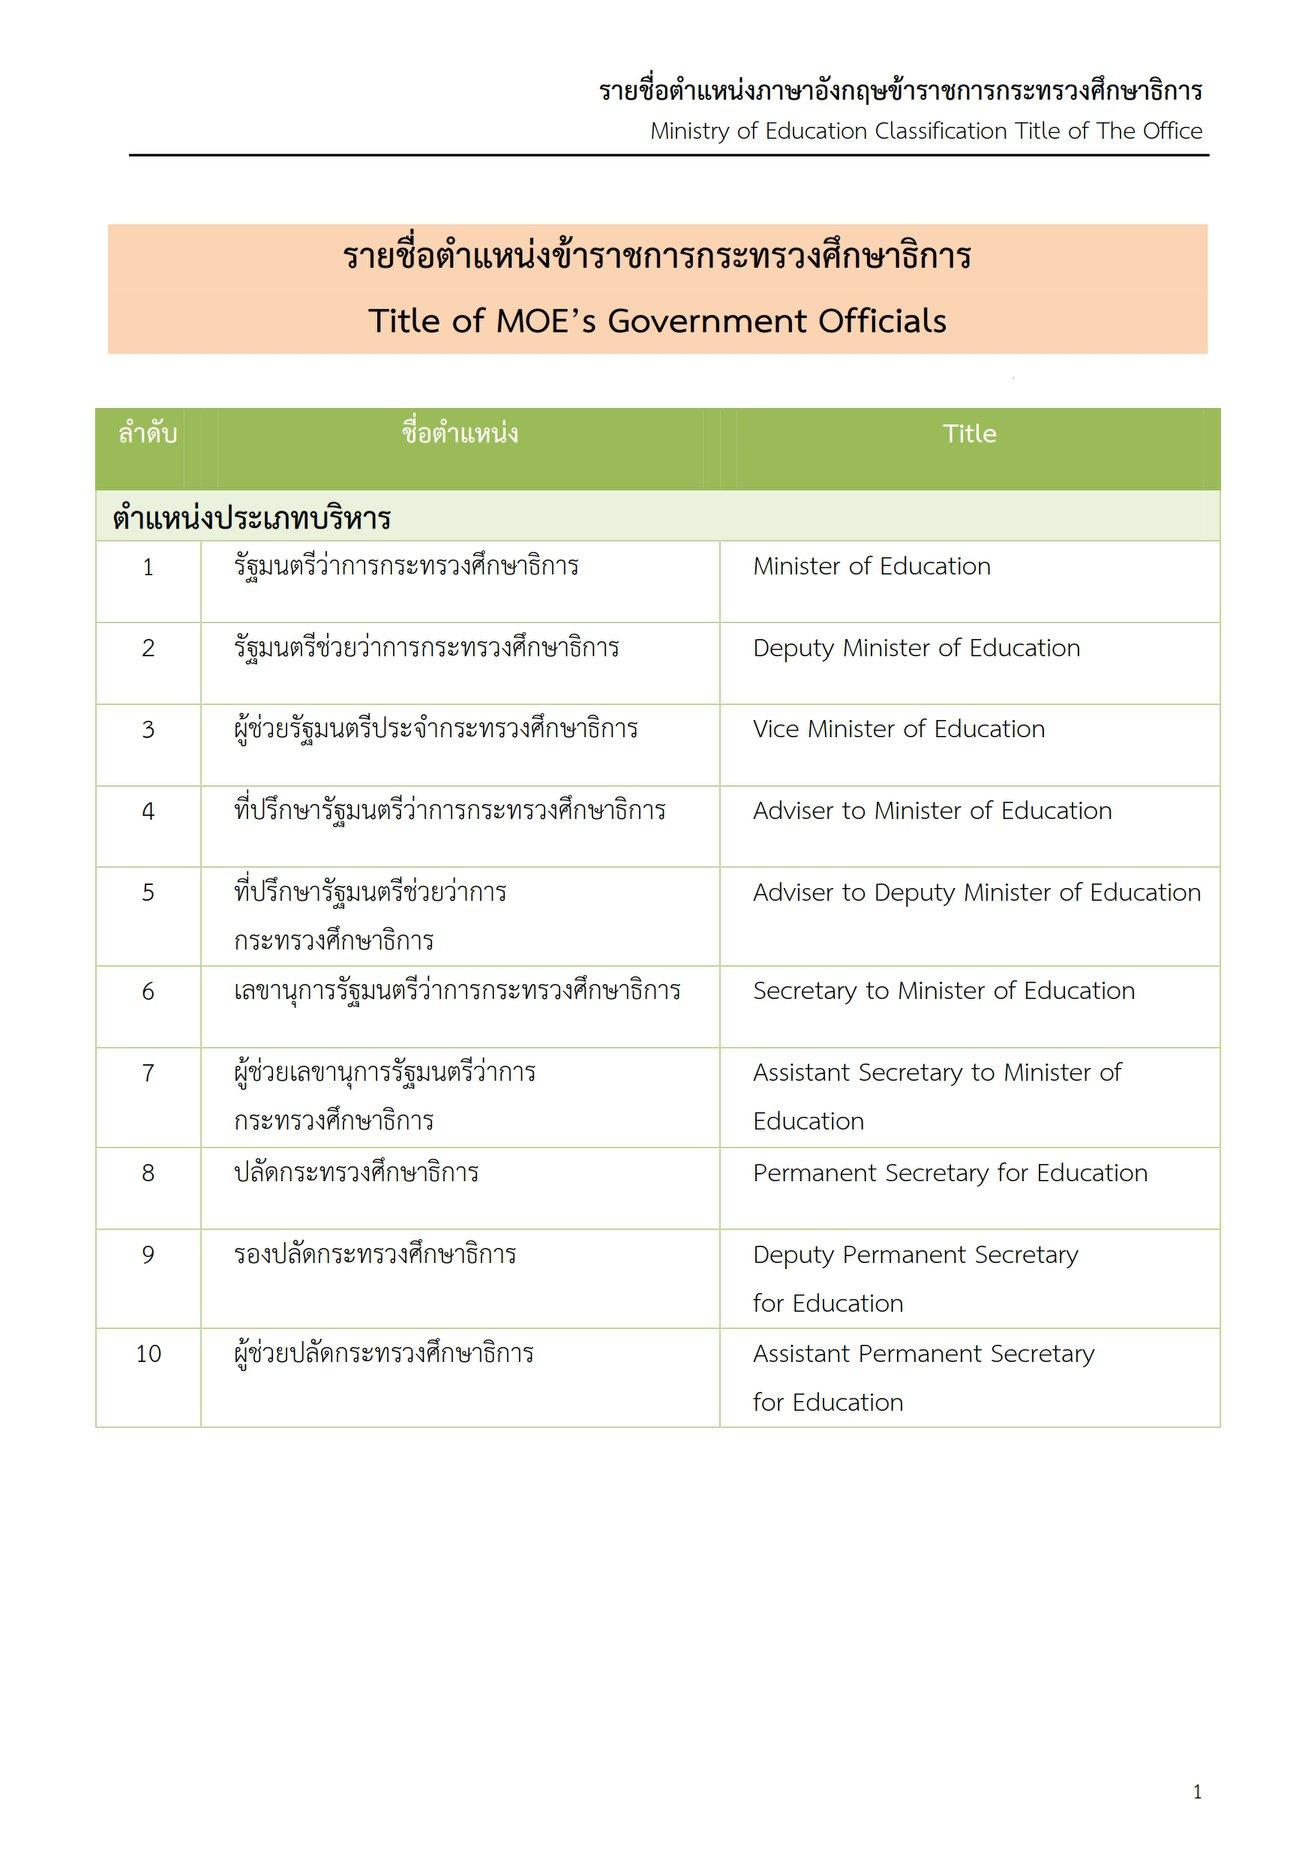 รายชื่อตำแหน่งภาษาอังกฤษ ข้าราชการสังกัดกระทรวงศึกษาธิการ จัดทำโดยสำนักความสัมพันธ์ต่างประเทศ สำนักงานปลัดกระทรวงศึกษาธิการ